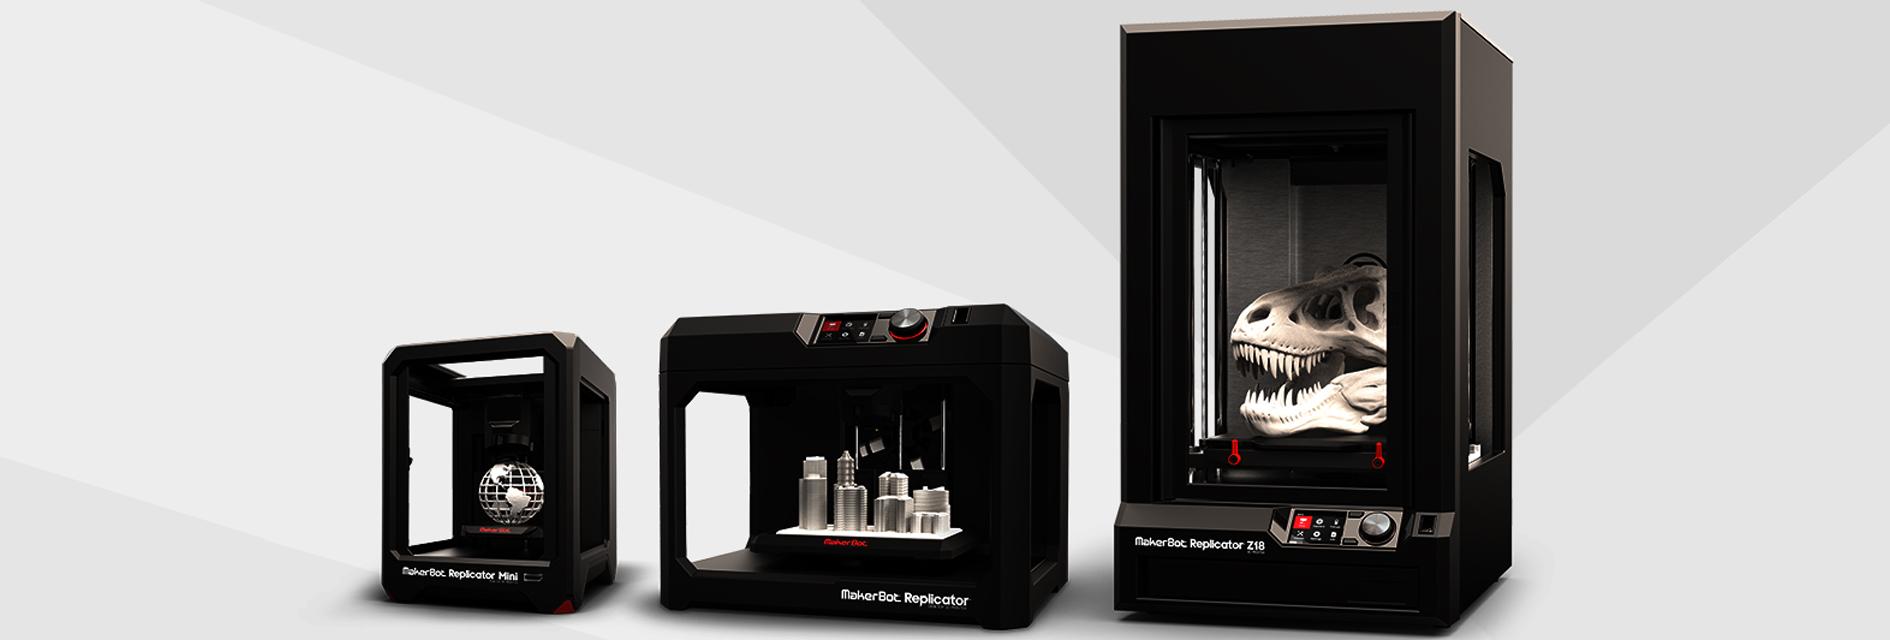 Ihre MakerBot, Formlabs und Stratasys 3D Drucker Schweiz Reseller, Support und Bildungs Webseite. 3D Drucker Lösungen / Schulungen aus Zürich für Schule, Bildungsinstitutionen, Unternehmen und Private.